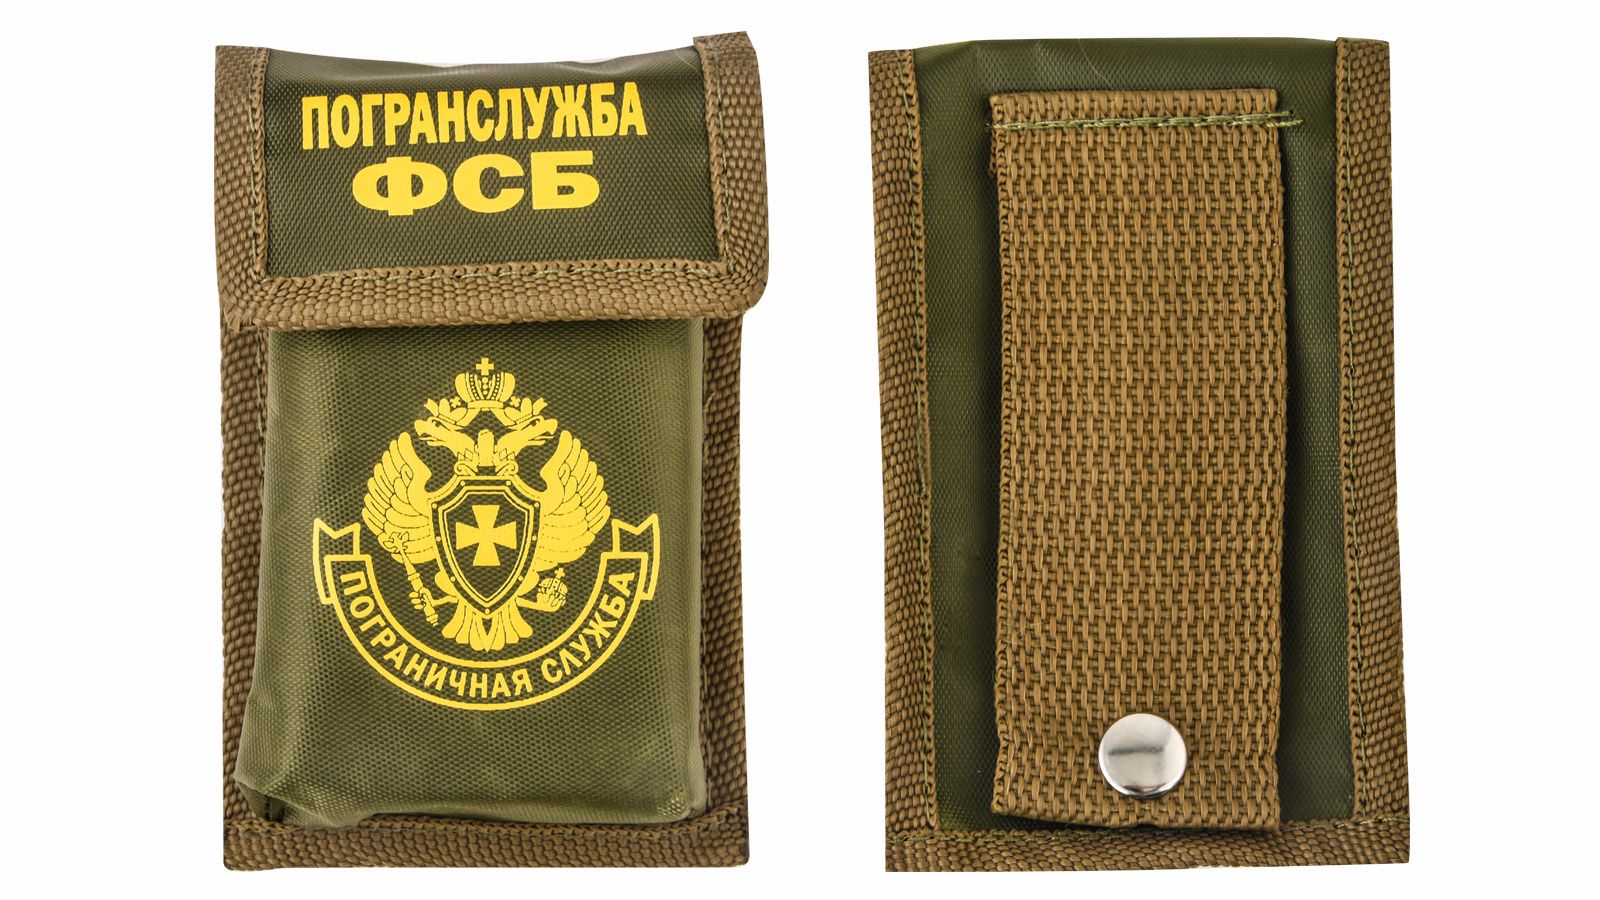 """Походный набор """"Погранслужба ФСБ"""" в чехле. Вилка, ложка, нож"""